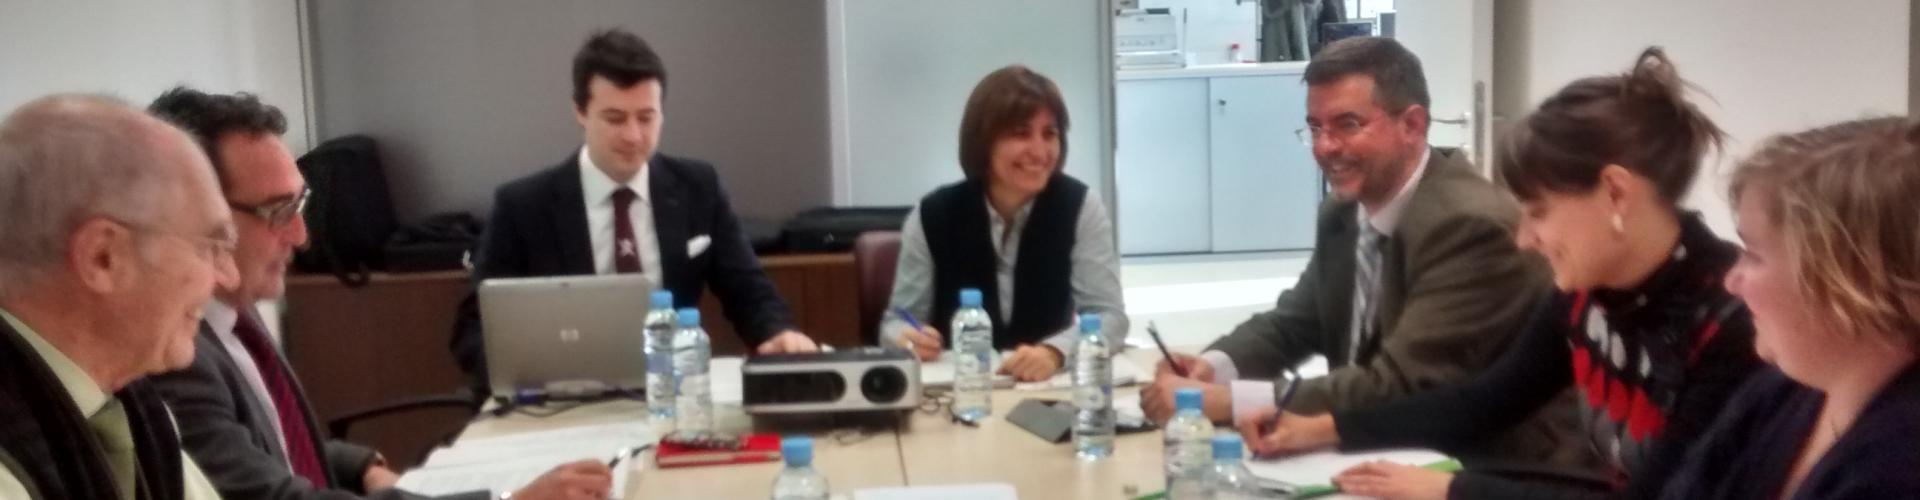 Reunión ACPUA-Unibasq en Zaragoza